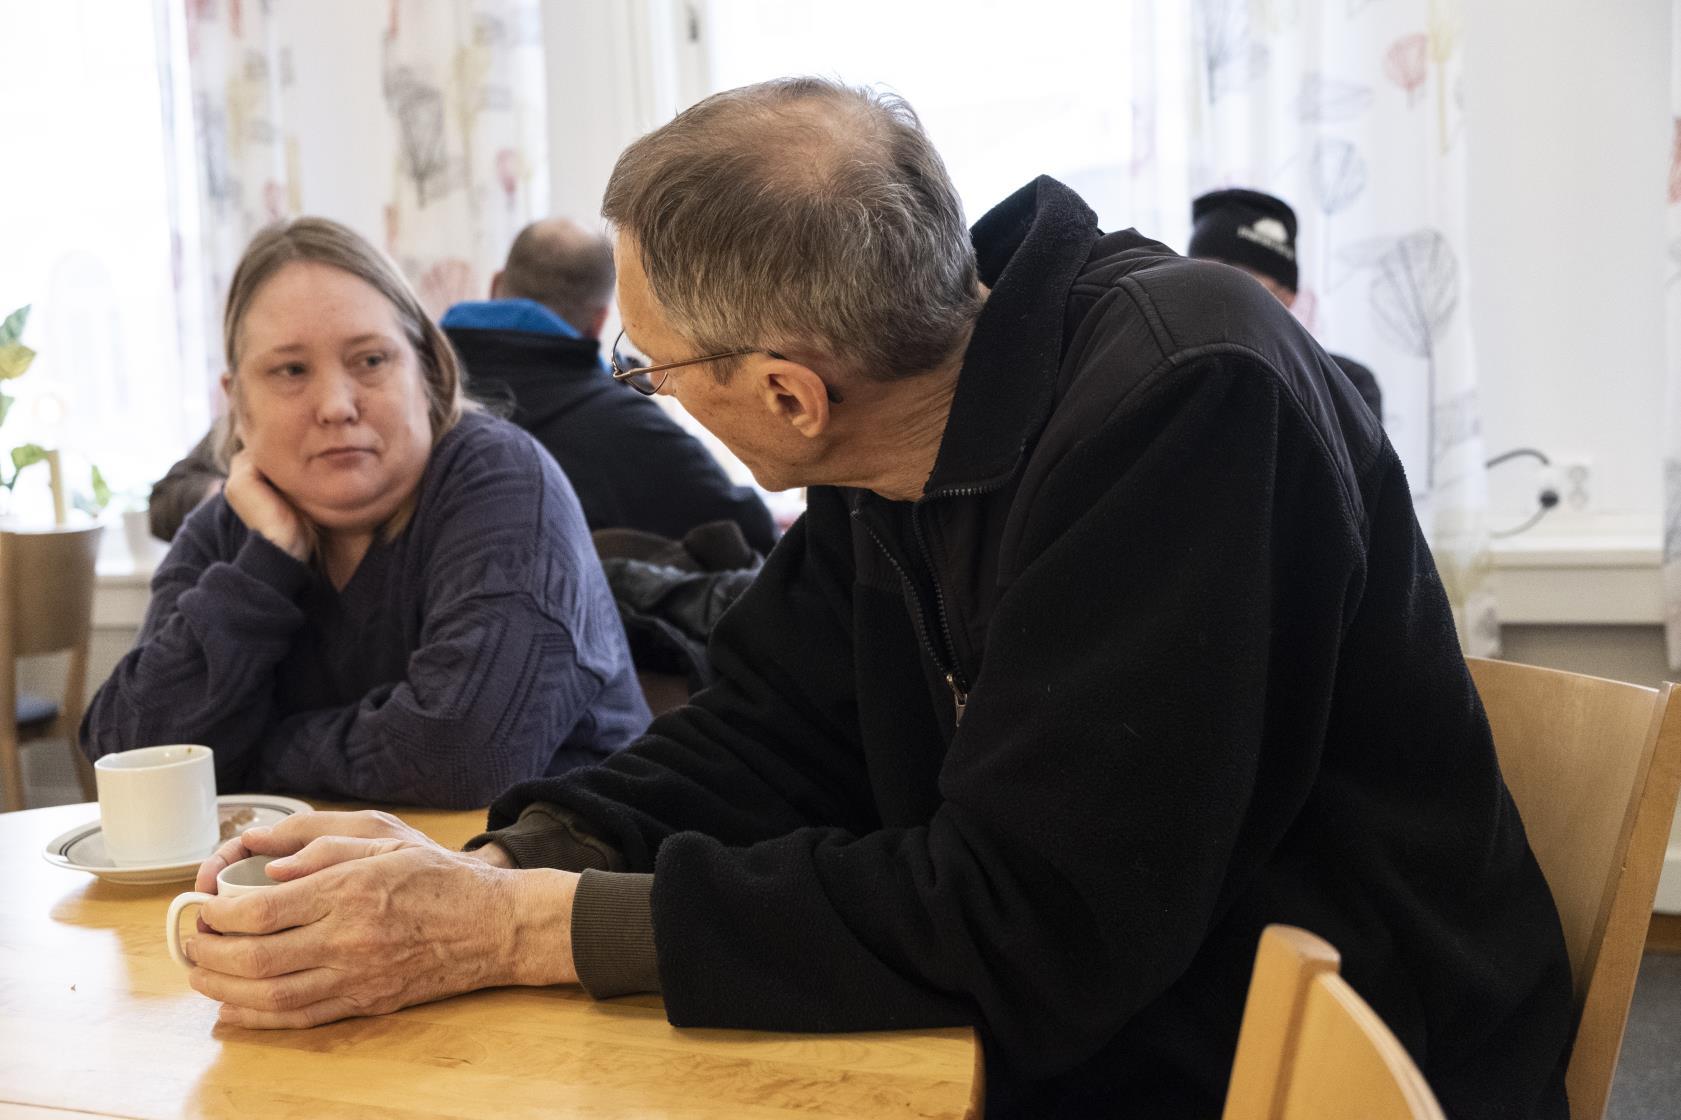 Dejt målilla med gårdveda / Mötesplatser För Äldre I Kolbäck / Speed dating i skrea : Haggesgolf